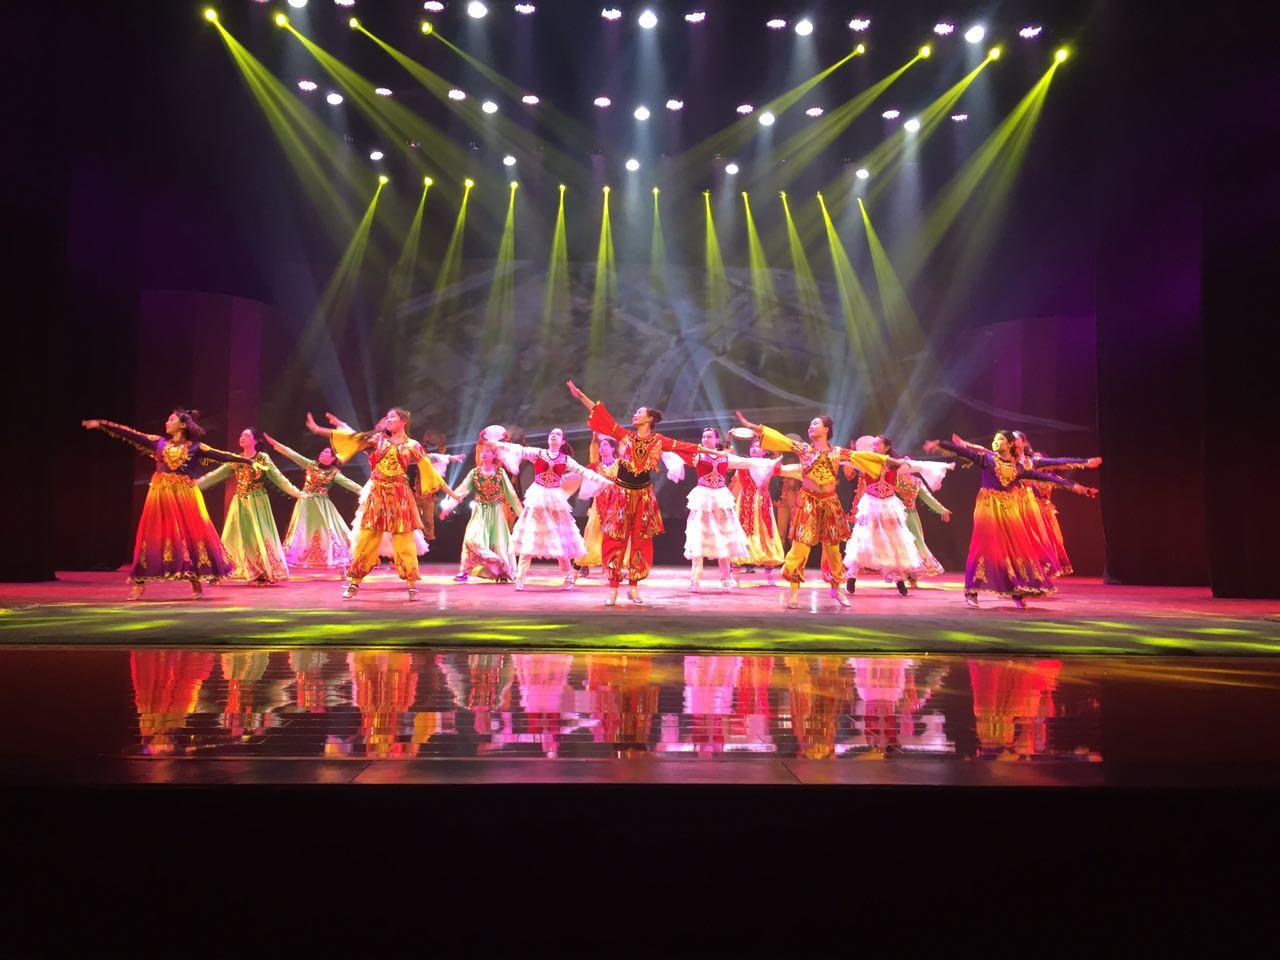 大型综艺节目舞台灯光设计技巧效果图